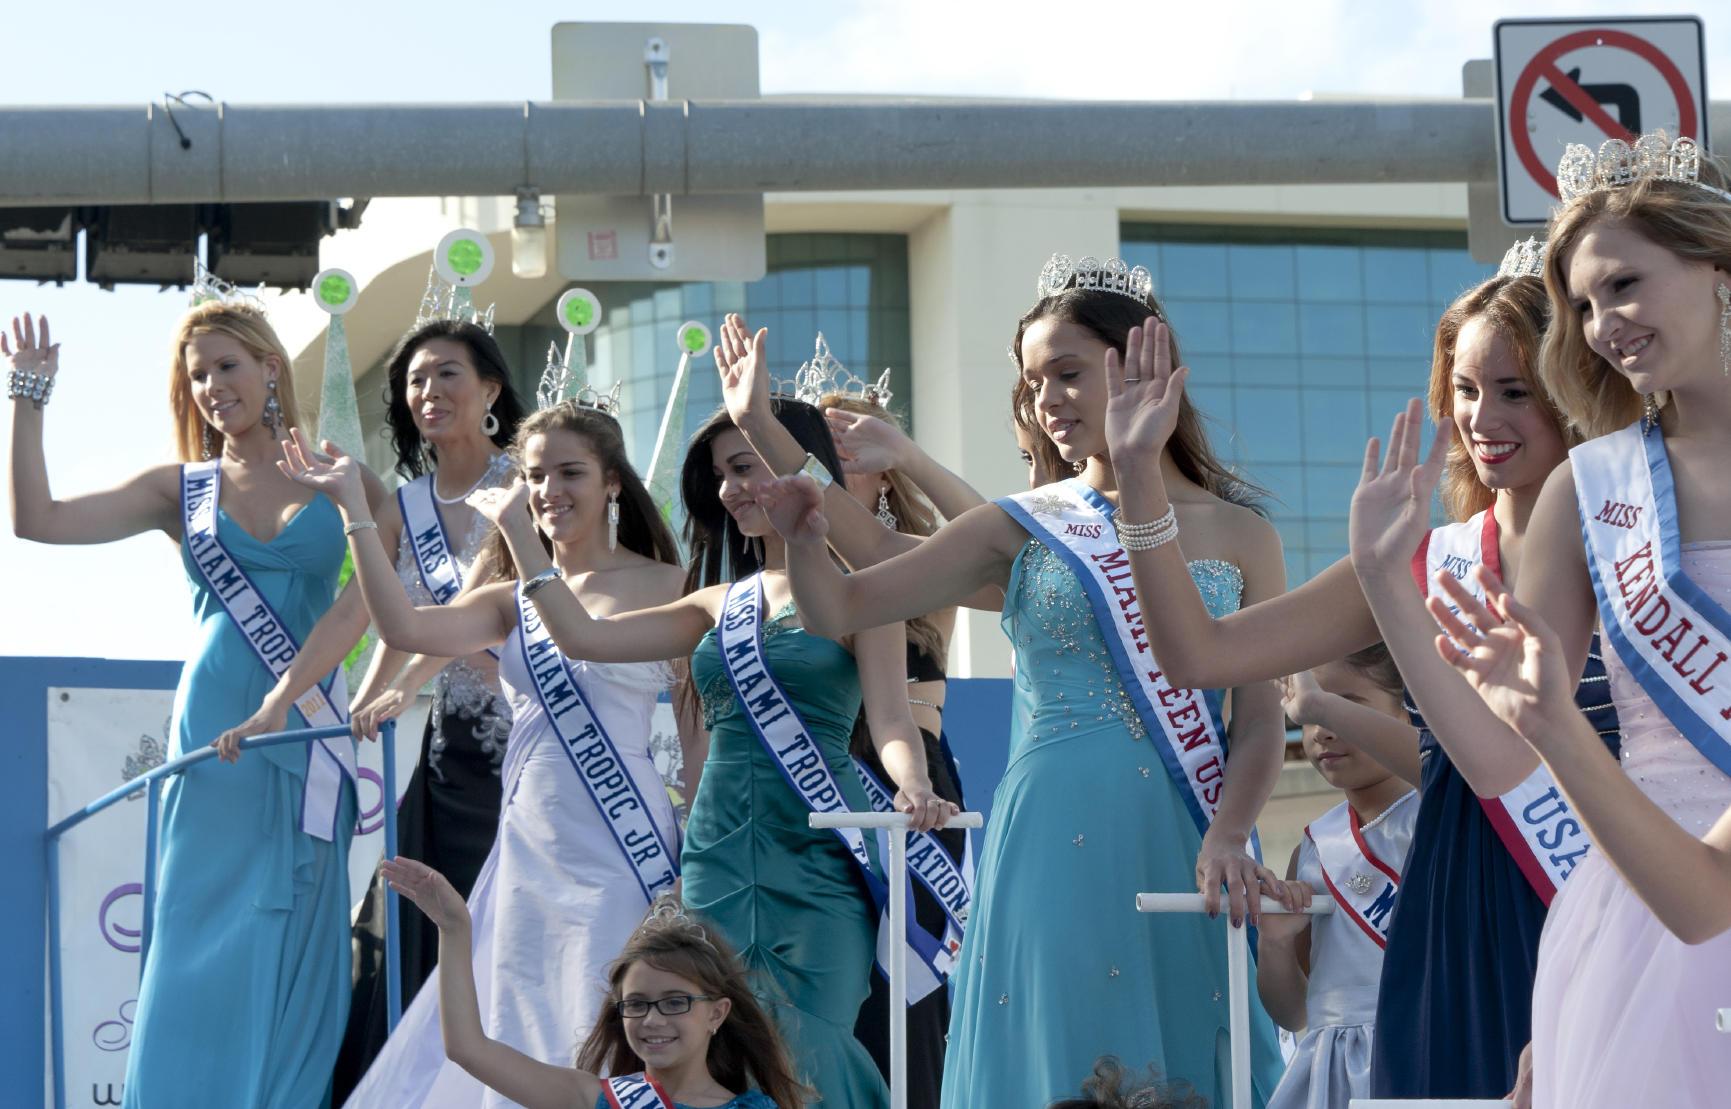 picture of teen beauty queens